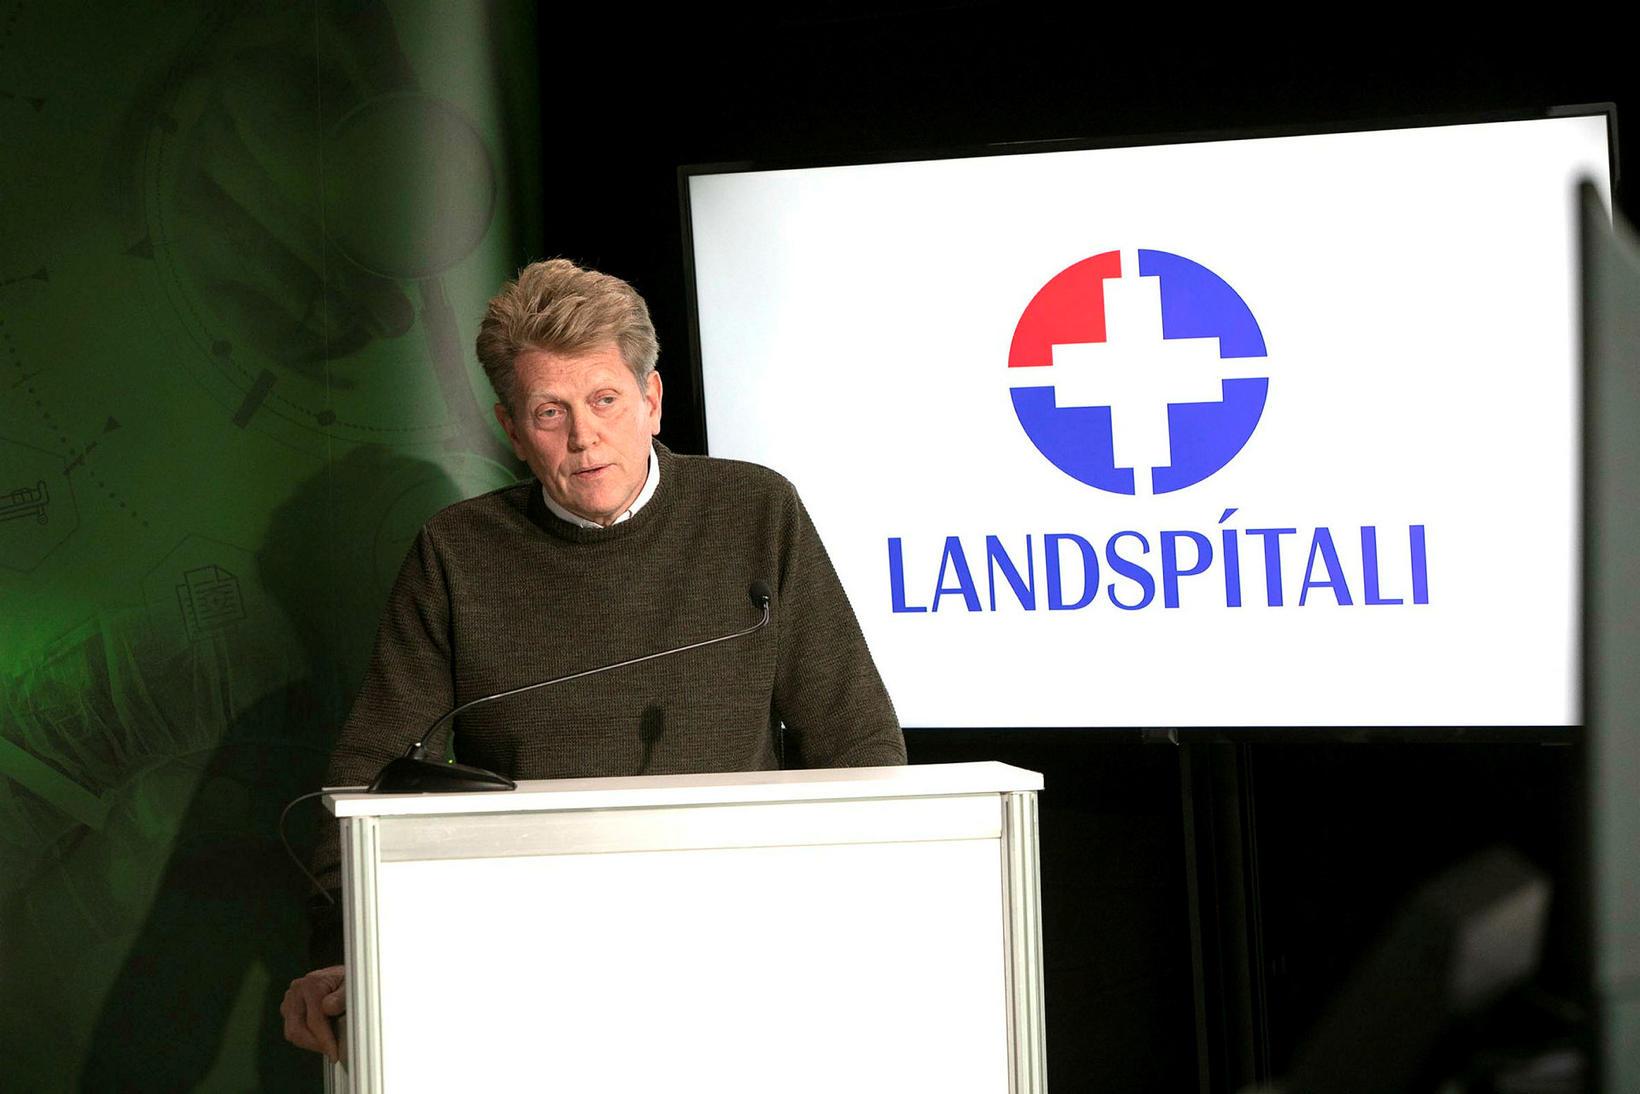 Már Kristjánsson, yfirlæknir smitsjúkdómadeildar og formaður farsóttarnefndar Landspítala.